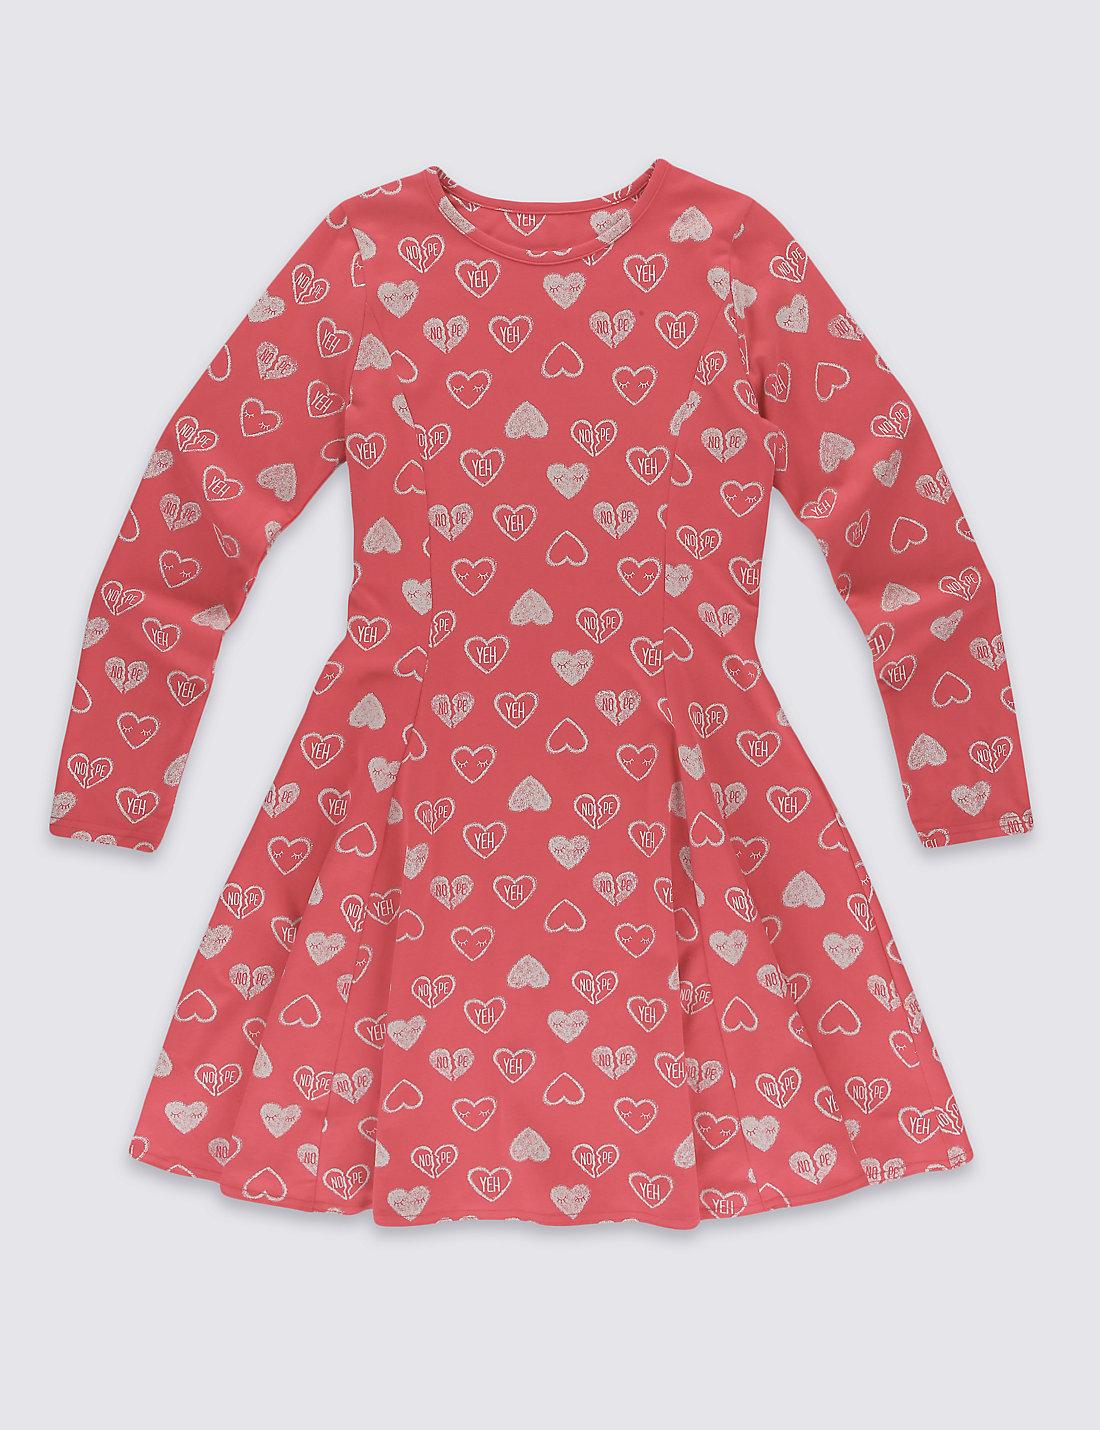 MS Kidswear SS17 12